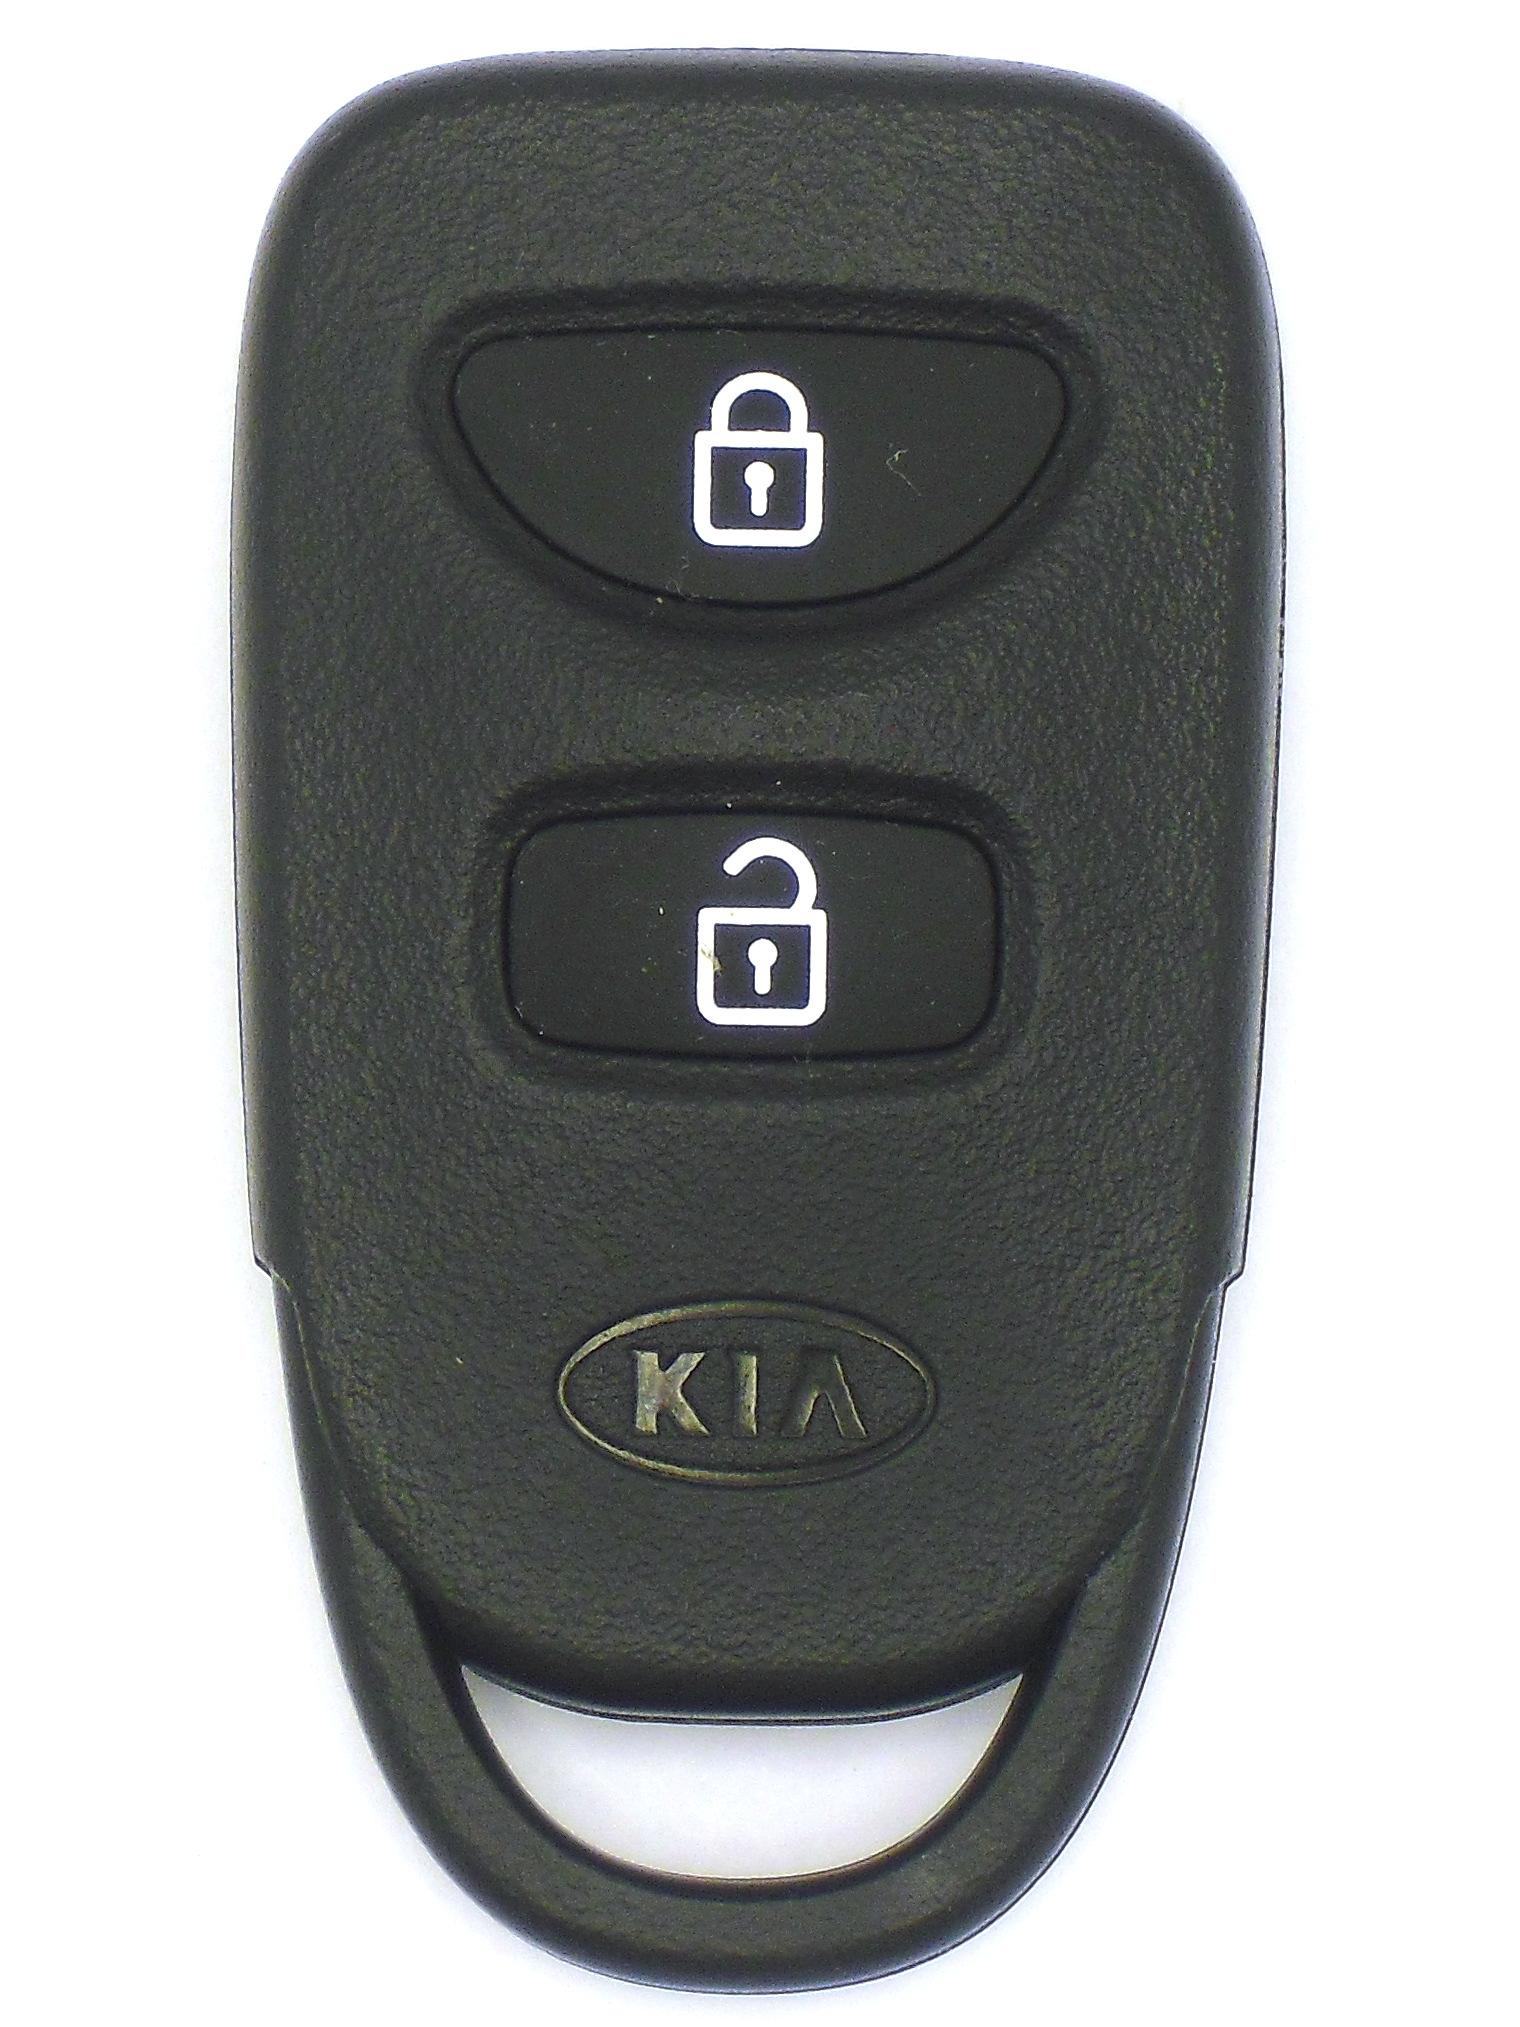 Kia Keyless Entry Remote 3 Button For 2009 Kia Soul